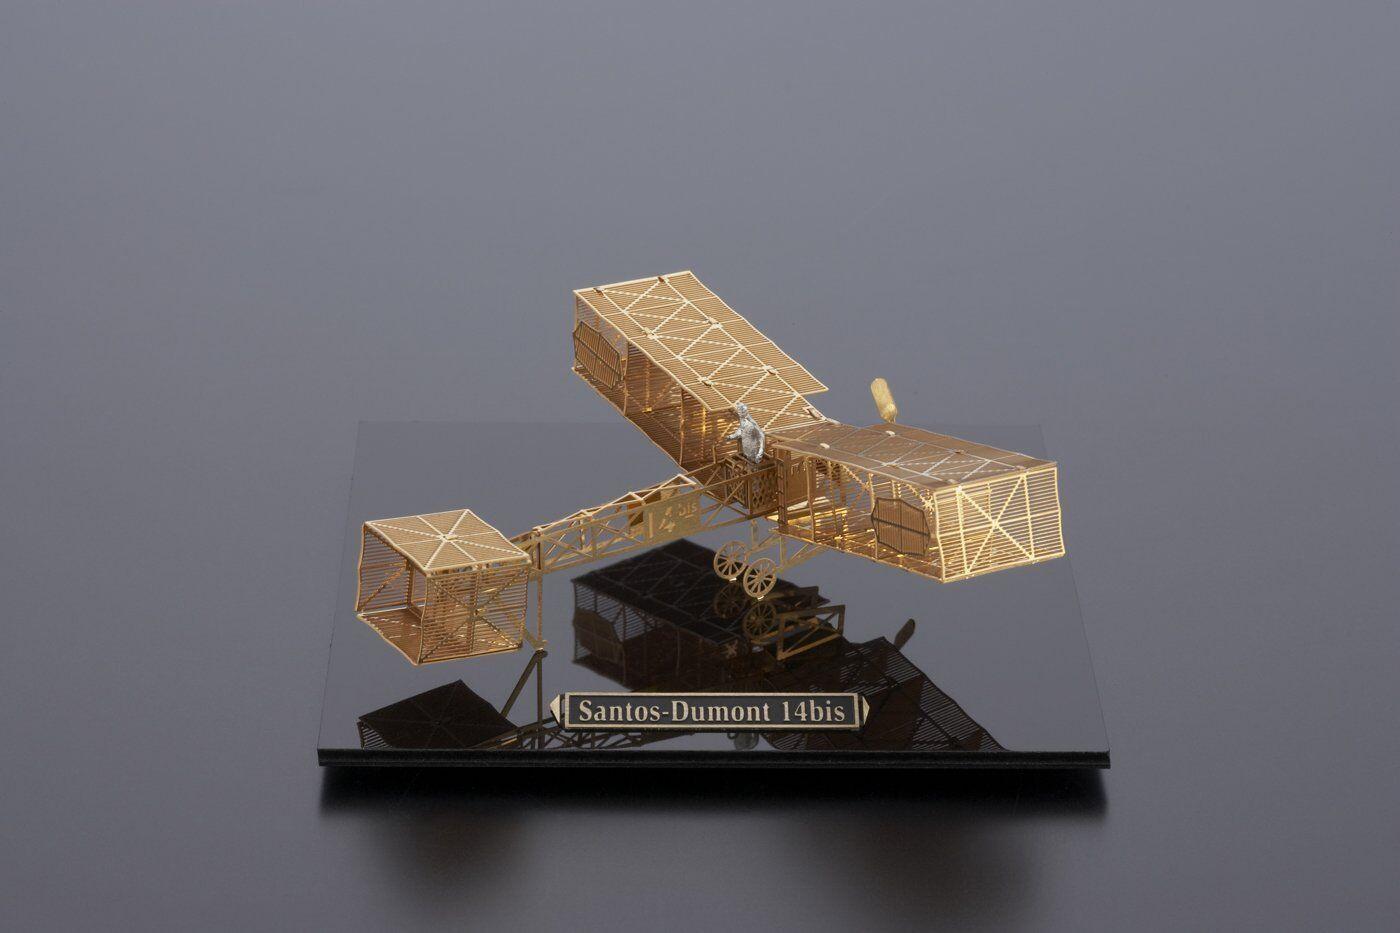 Aerobase 1 160 Santos Dumont 14bis B004 Brass Model Kit Micro wing series MIJ